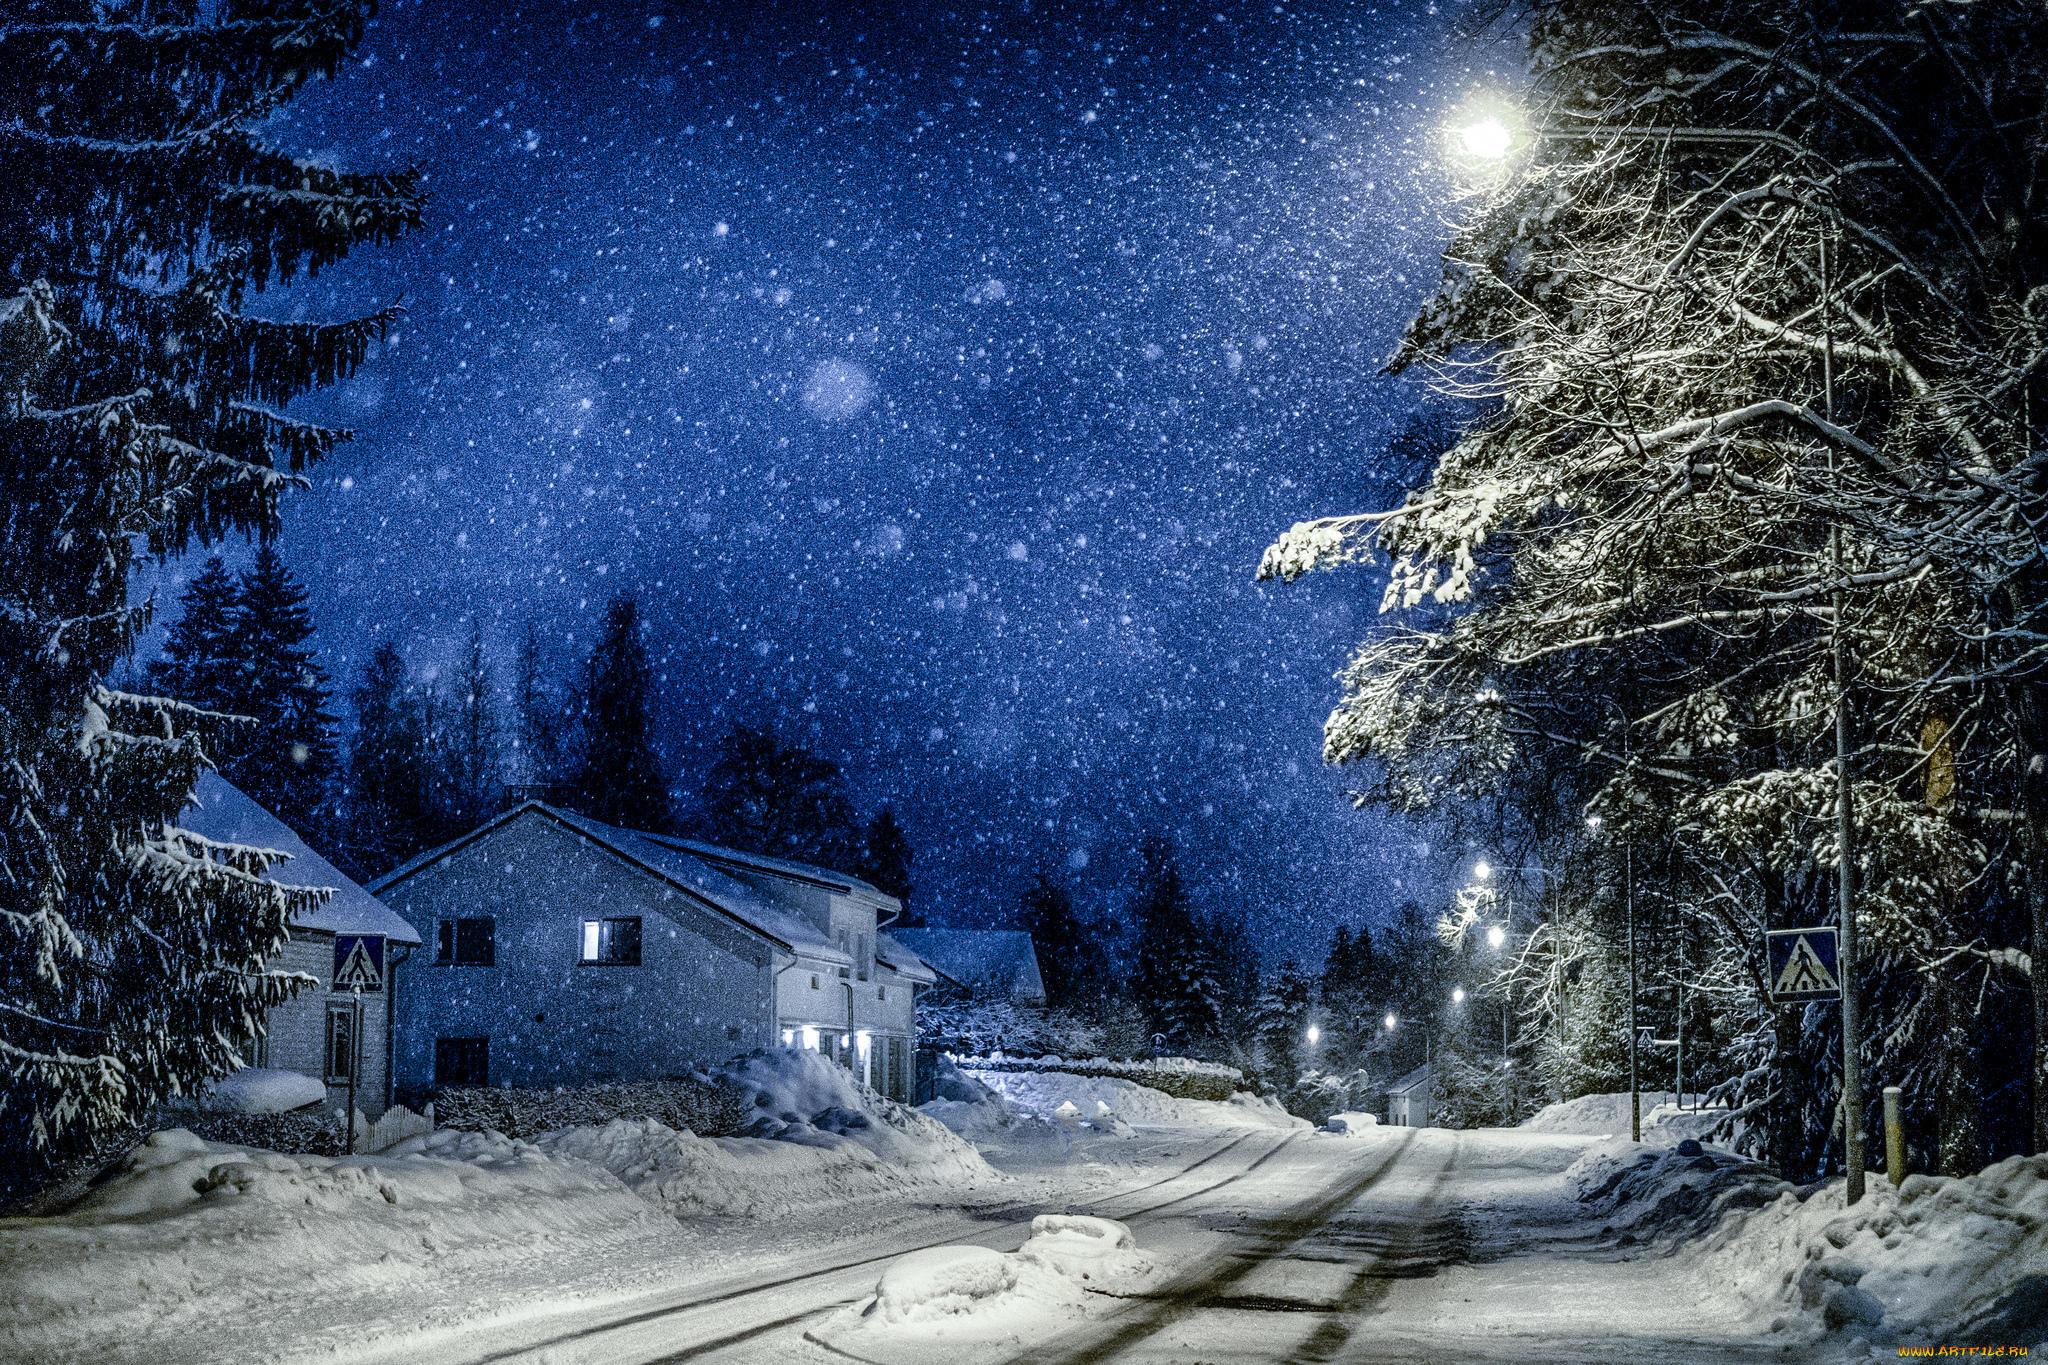 дорога зима вечер снег  № 3902548 загрузить